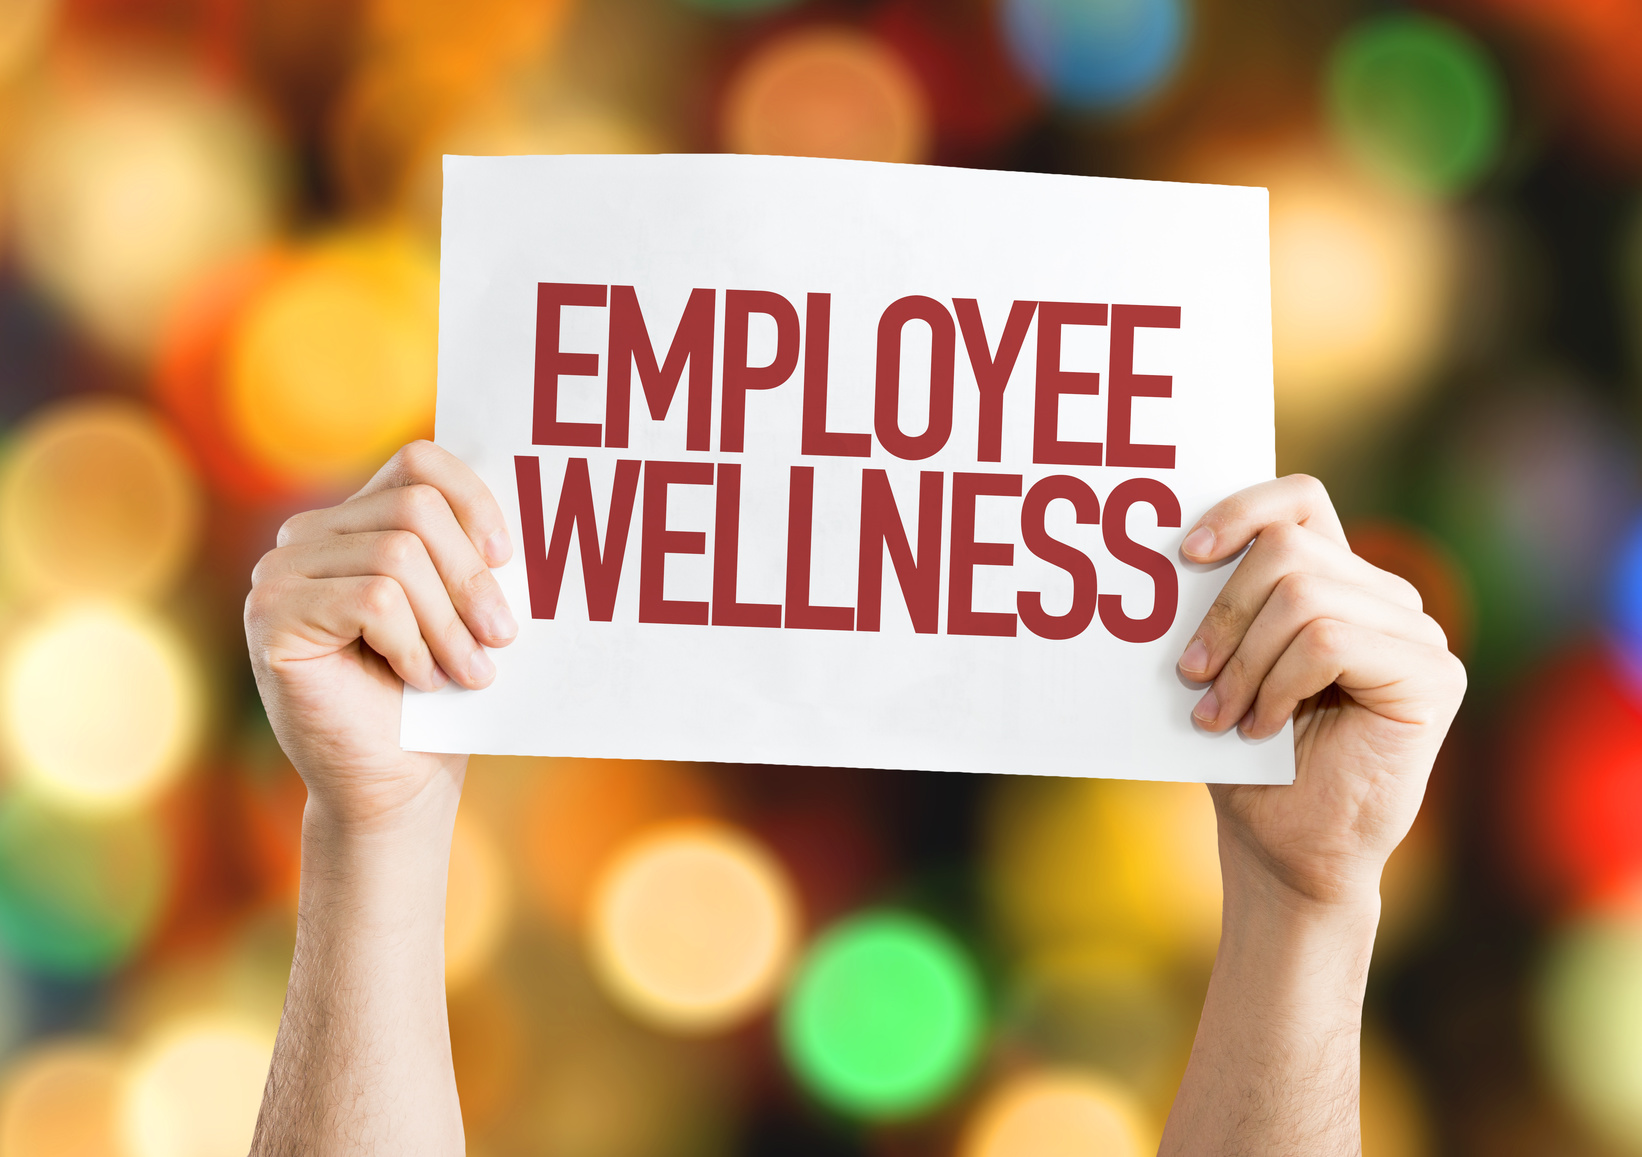 Employee Wellness Programs